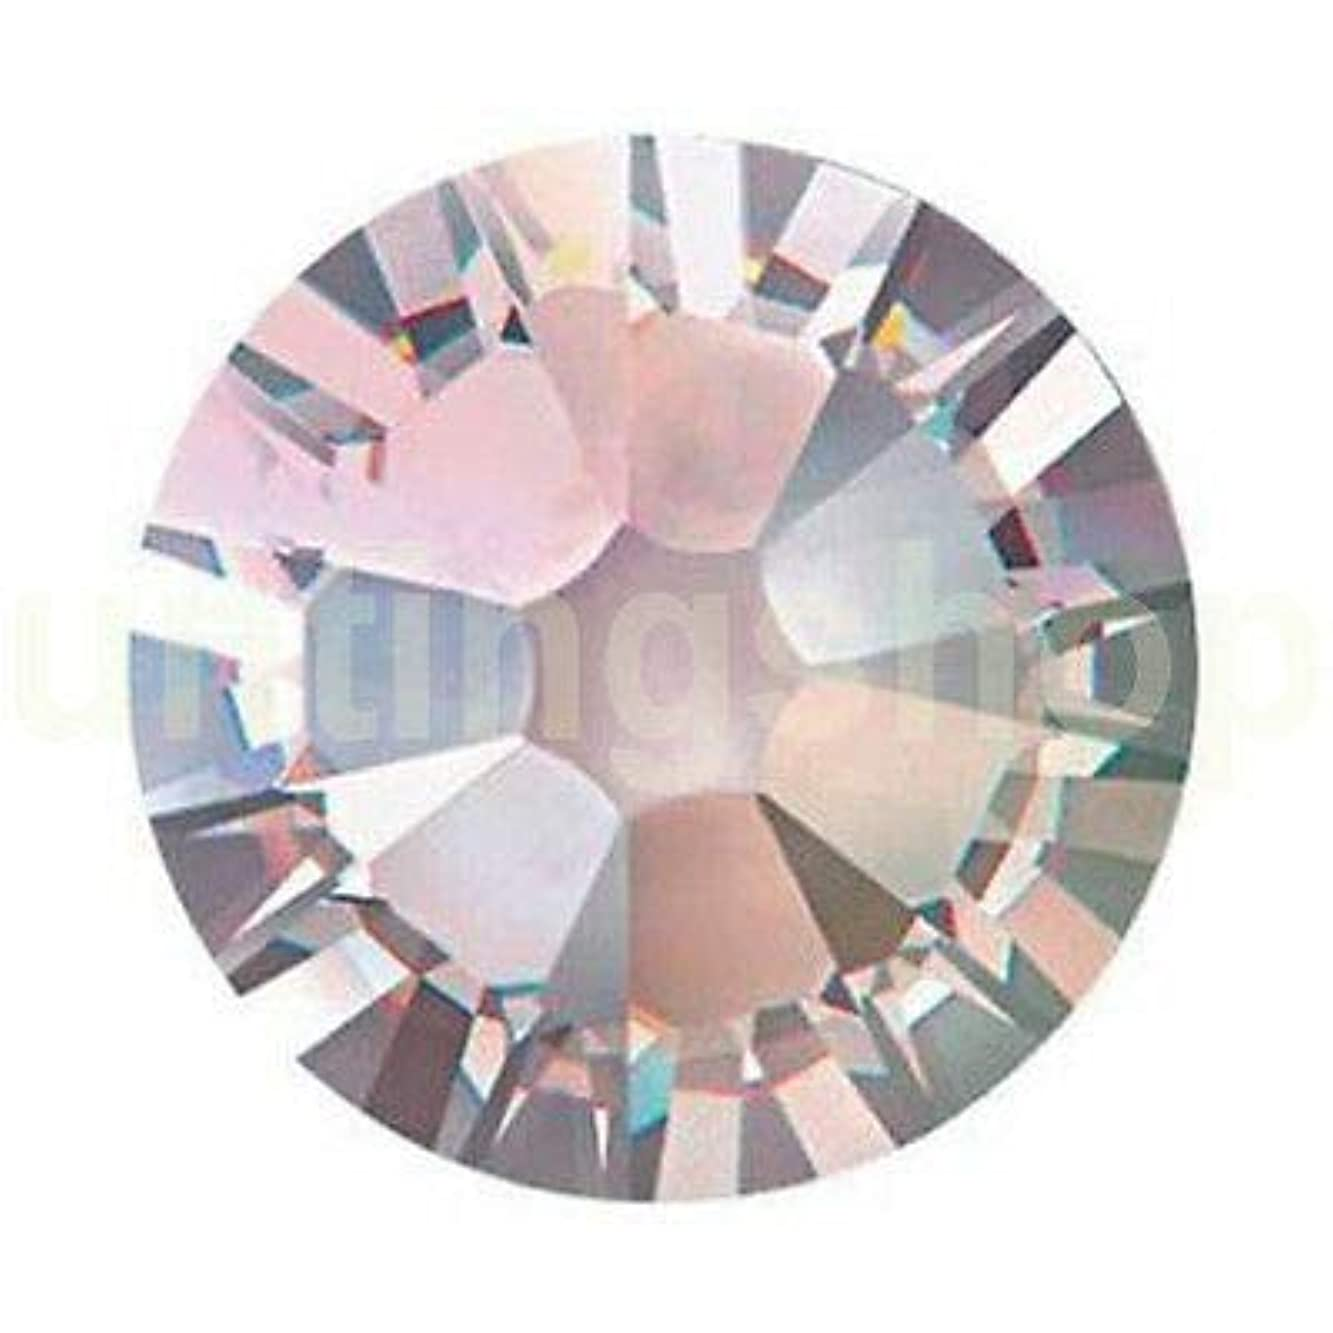 インシデント考える納屋FidgetGear DIY 1.3-8.5 mmクリスタルヒラタラインストーンネイルアートデコレーションSS3-SS40 クリスタルAB